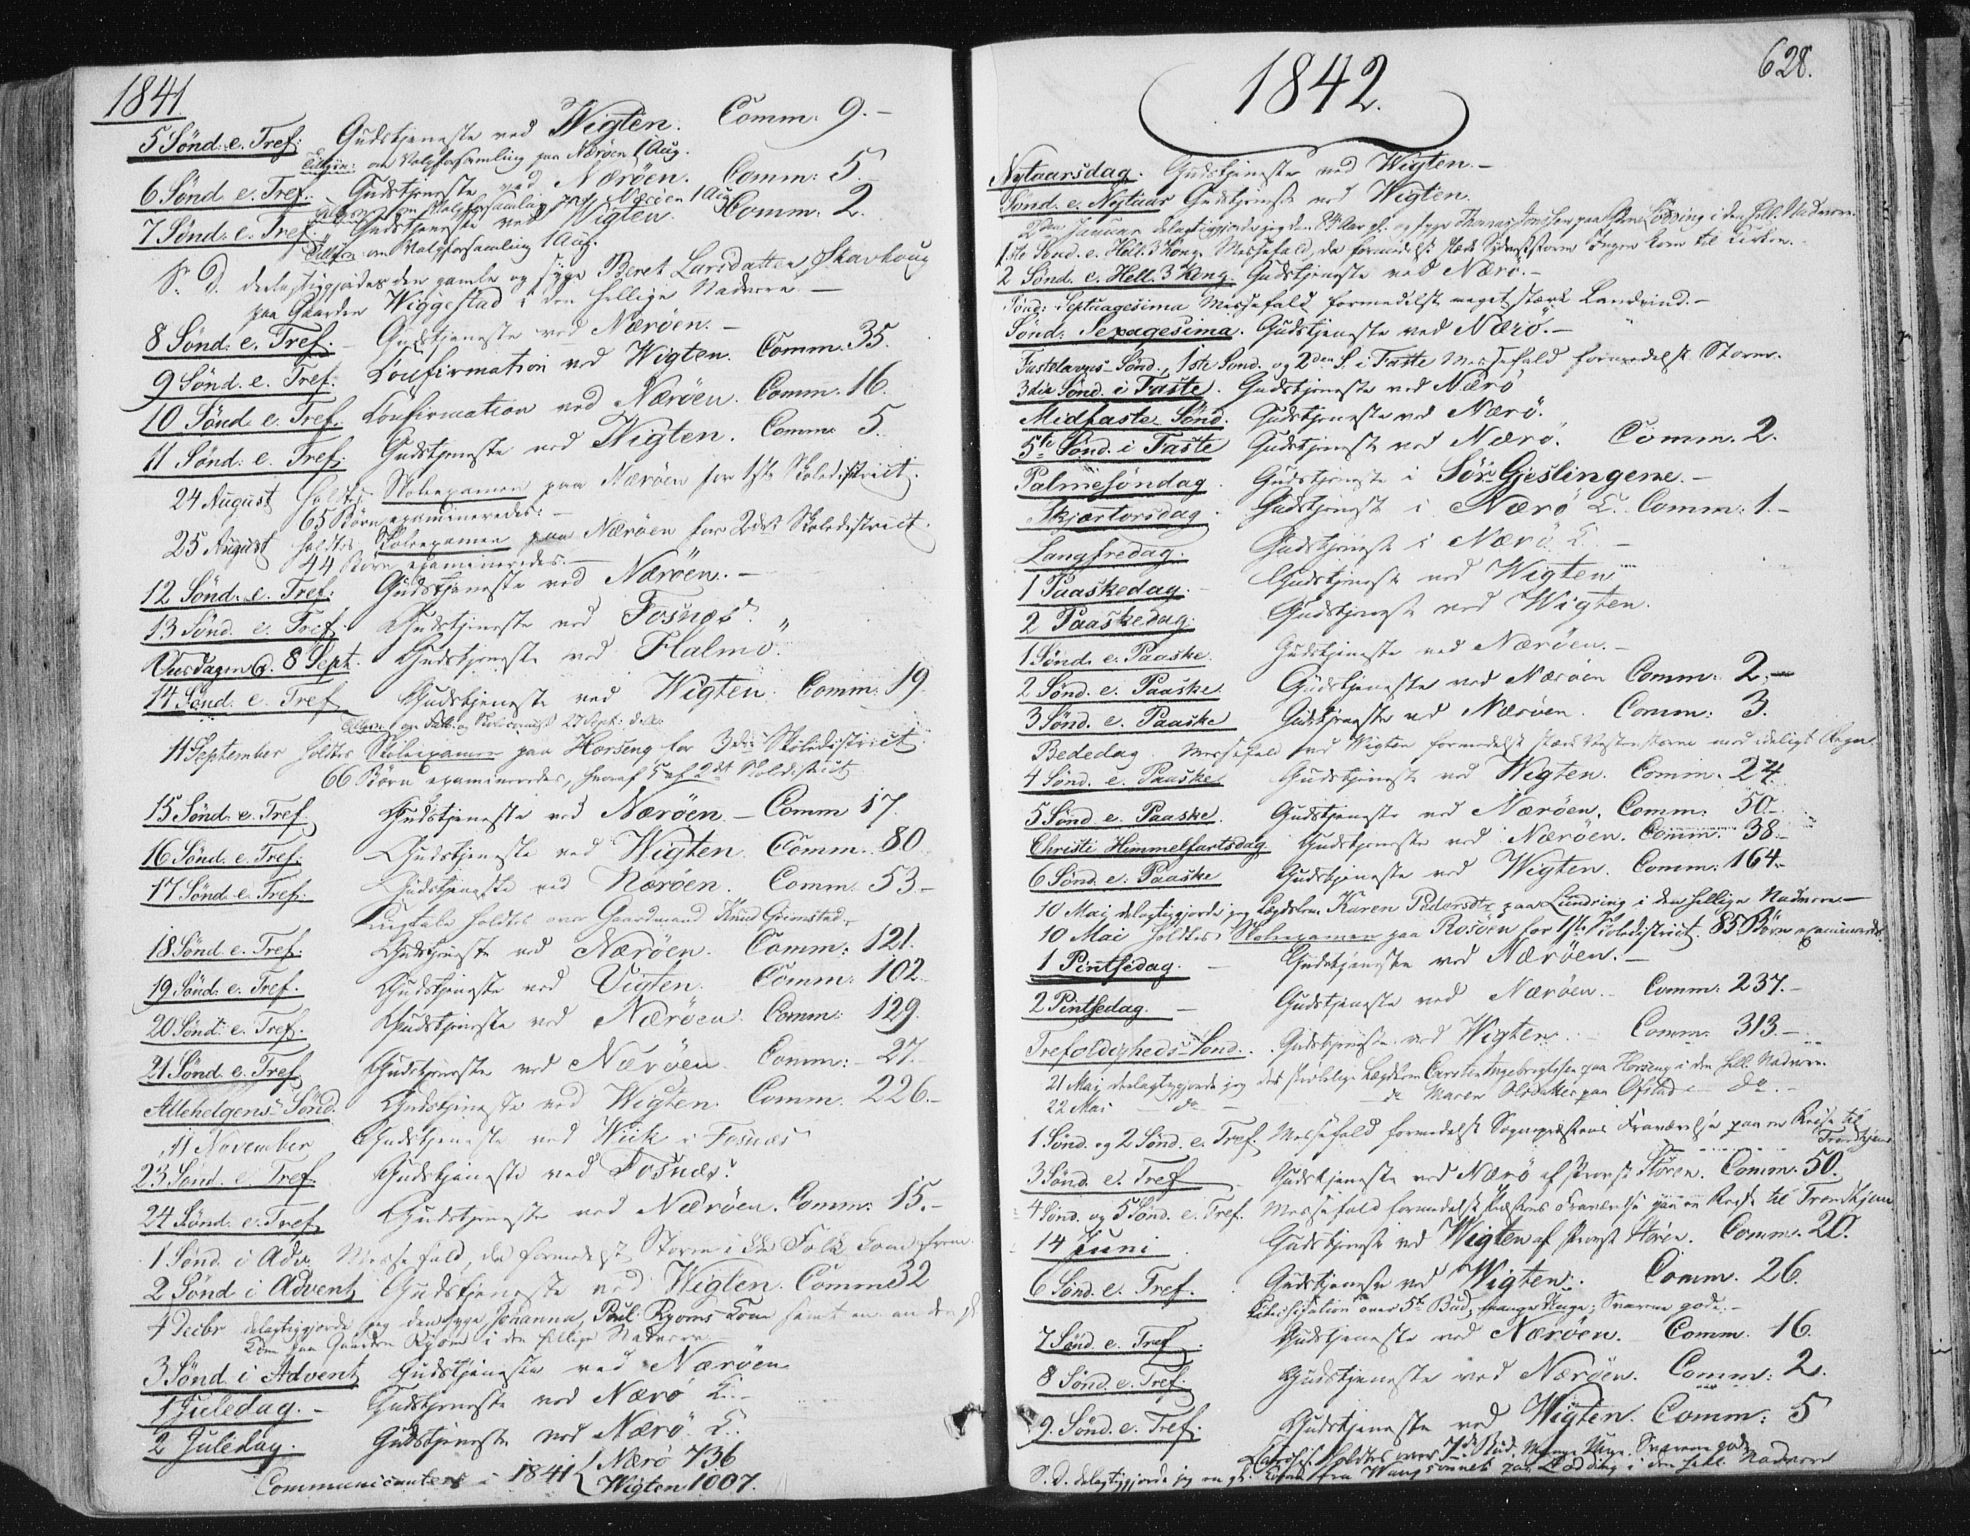 SAT, Ministerialprotokoller, klokkerbøker og fødselsregistre - Nord-Trøndelag, 784/L0669: Ministerialbok nr. 784A04, 1829-1859, s. 628